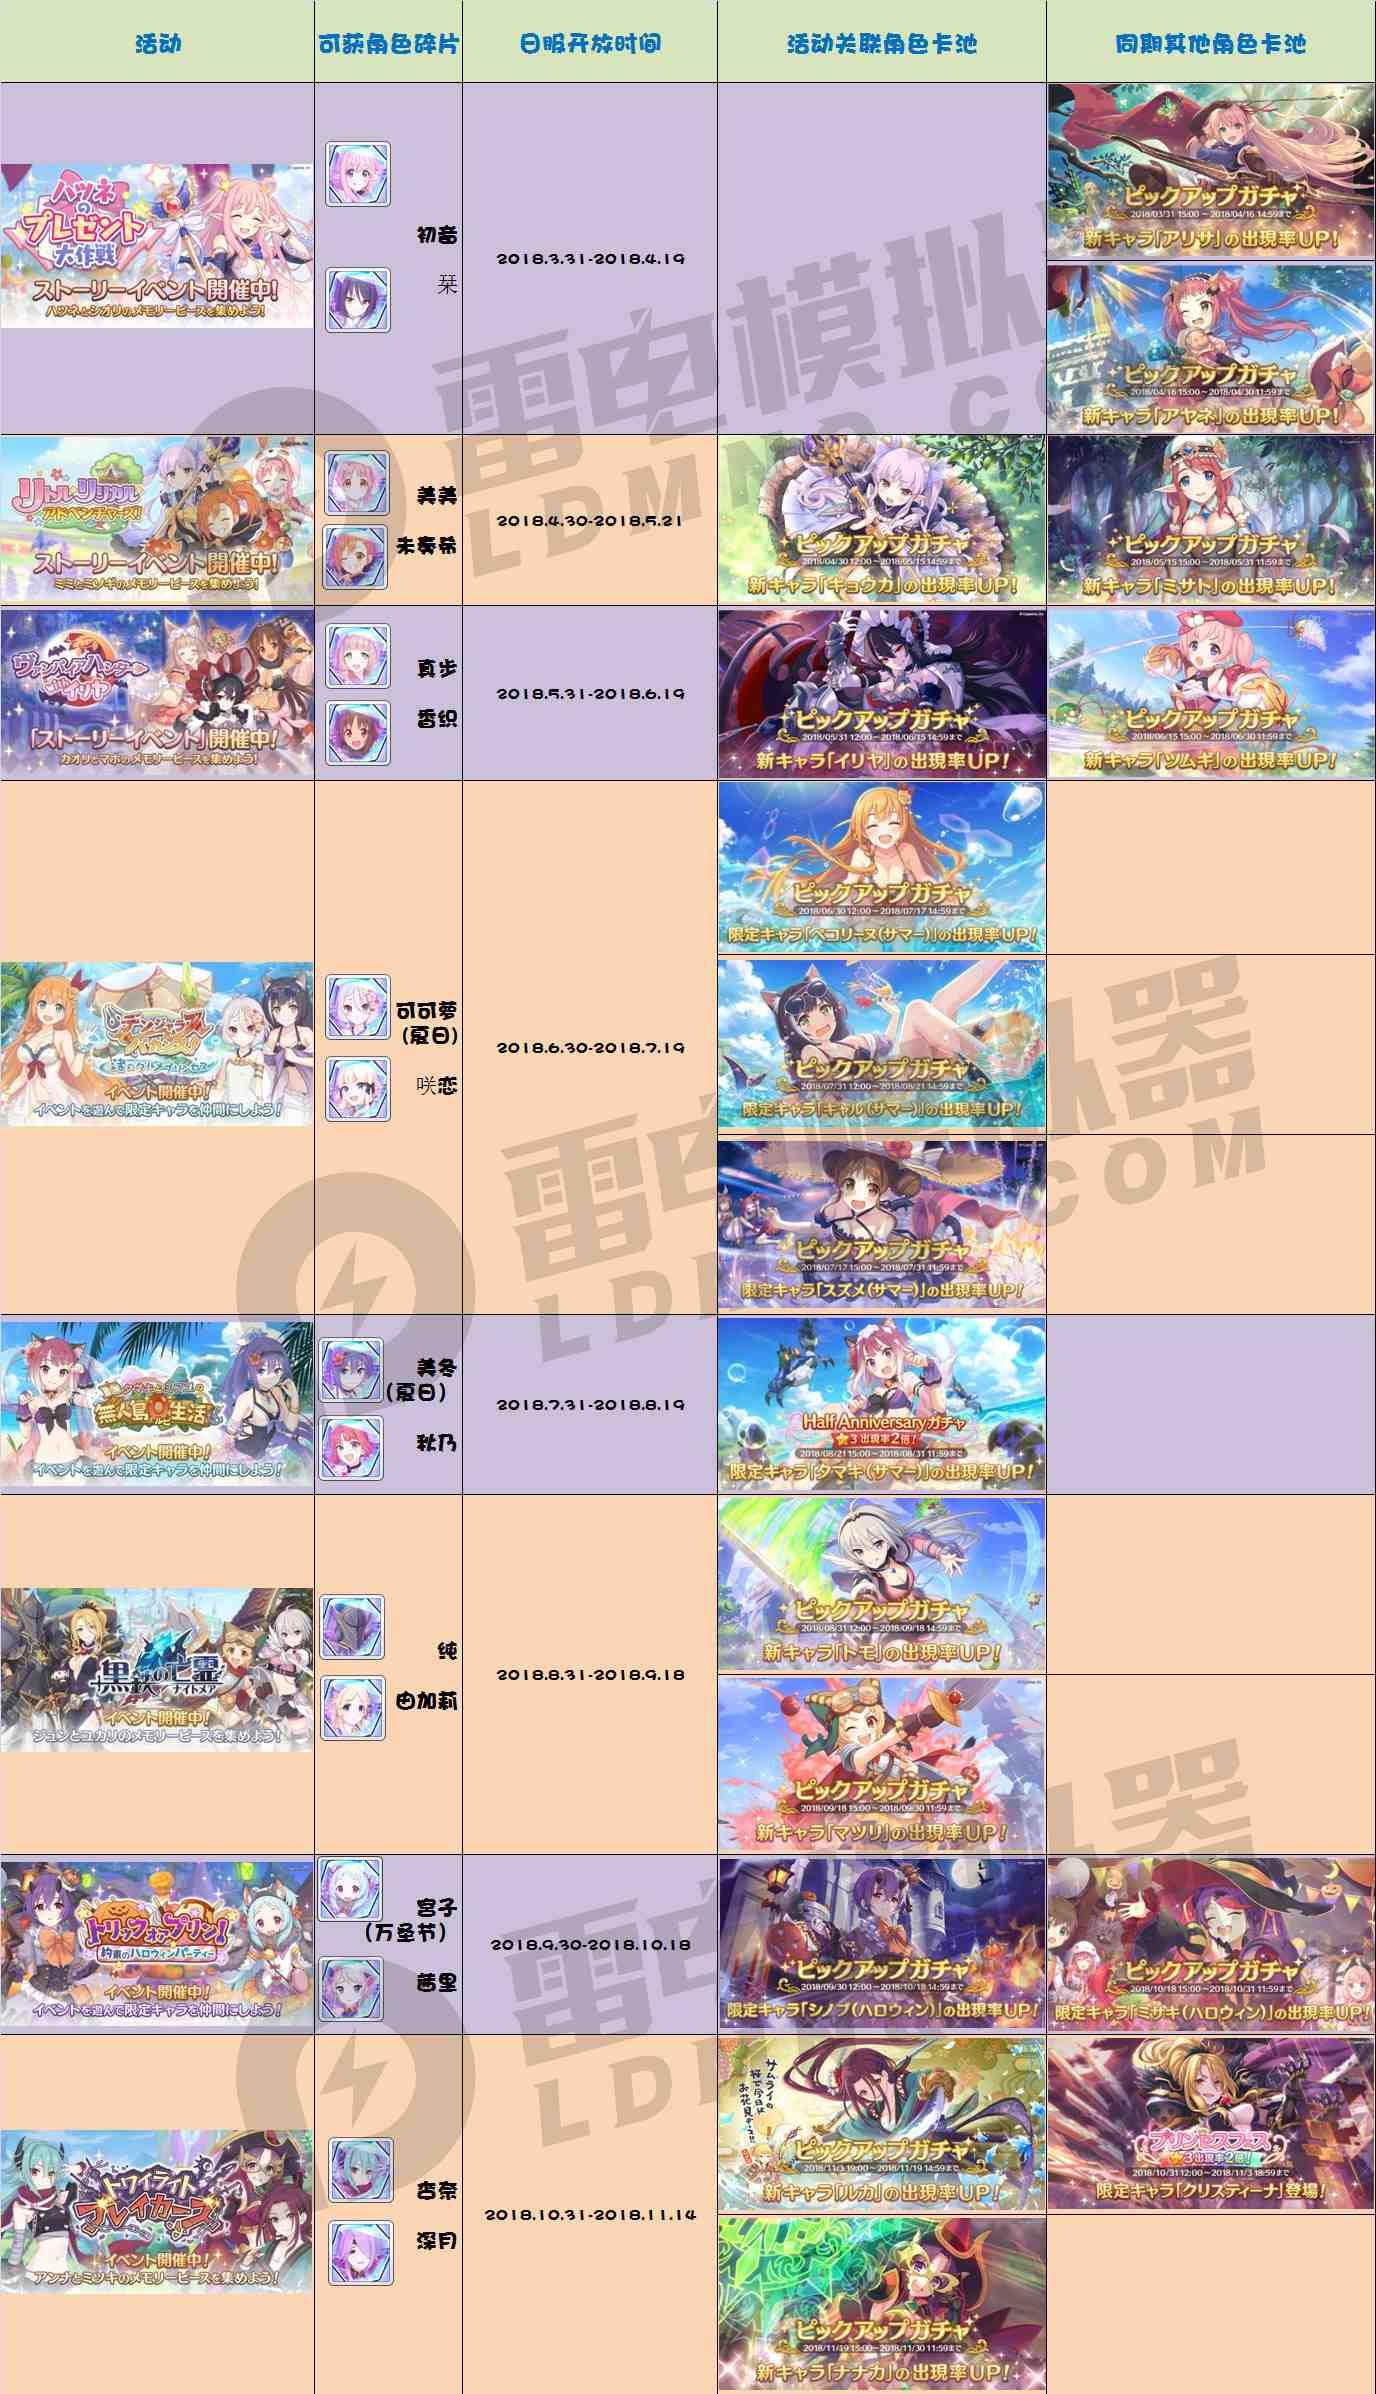 【公主连结】活动开放时间顺序表